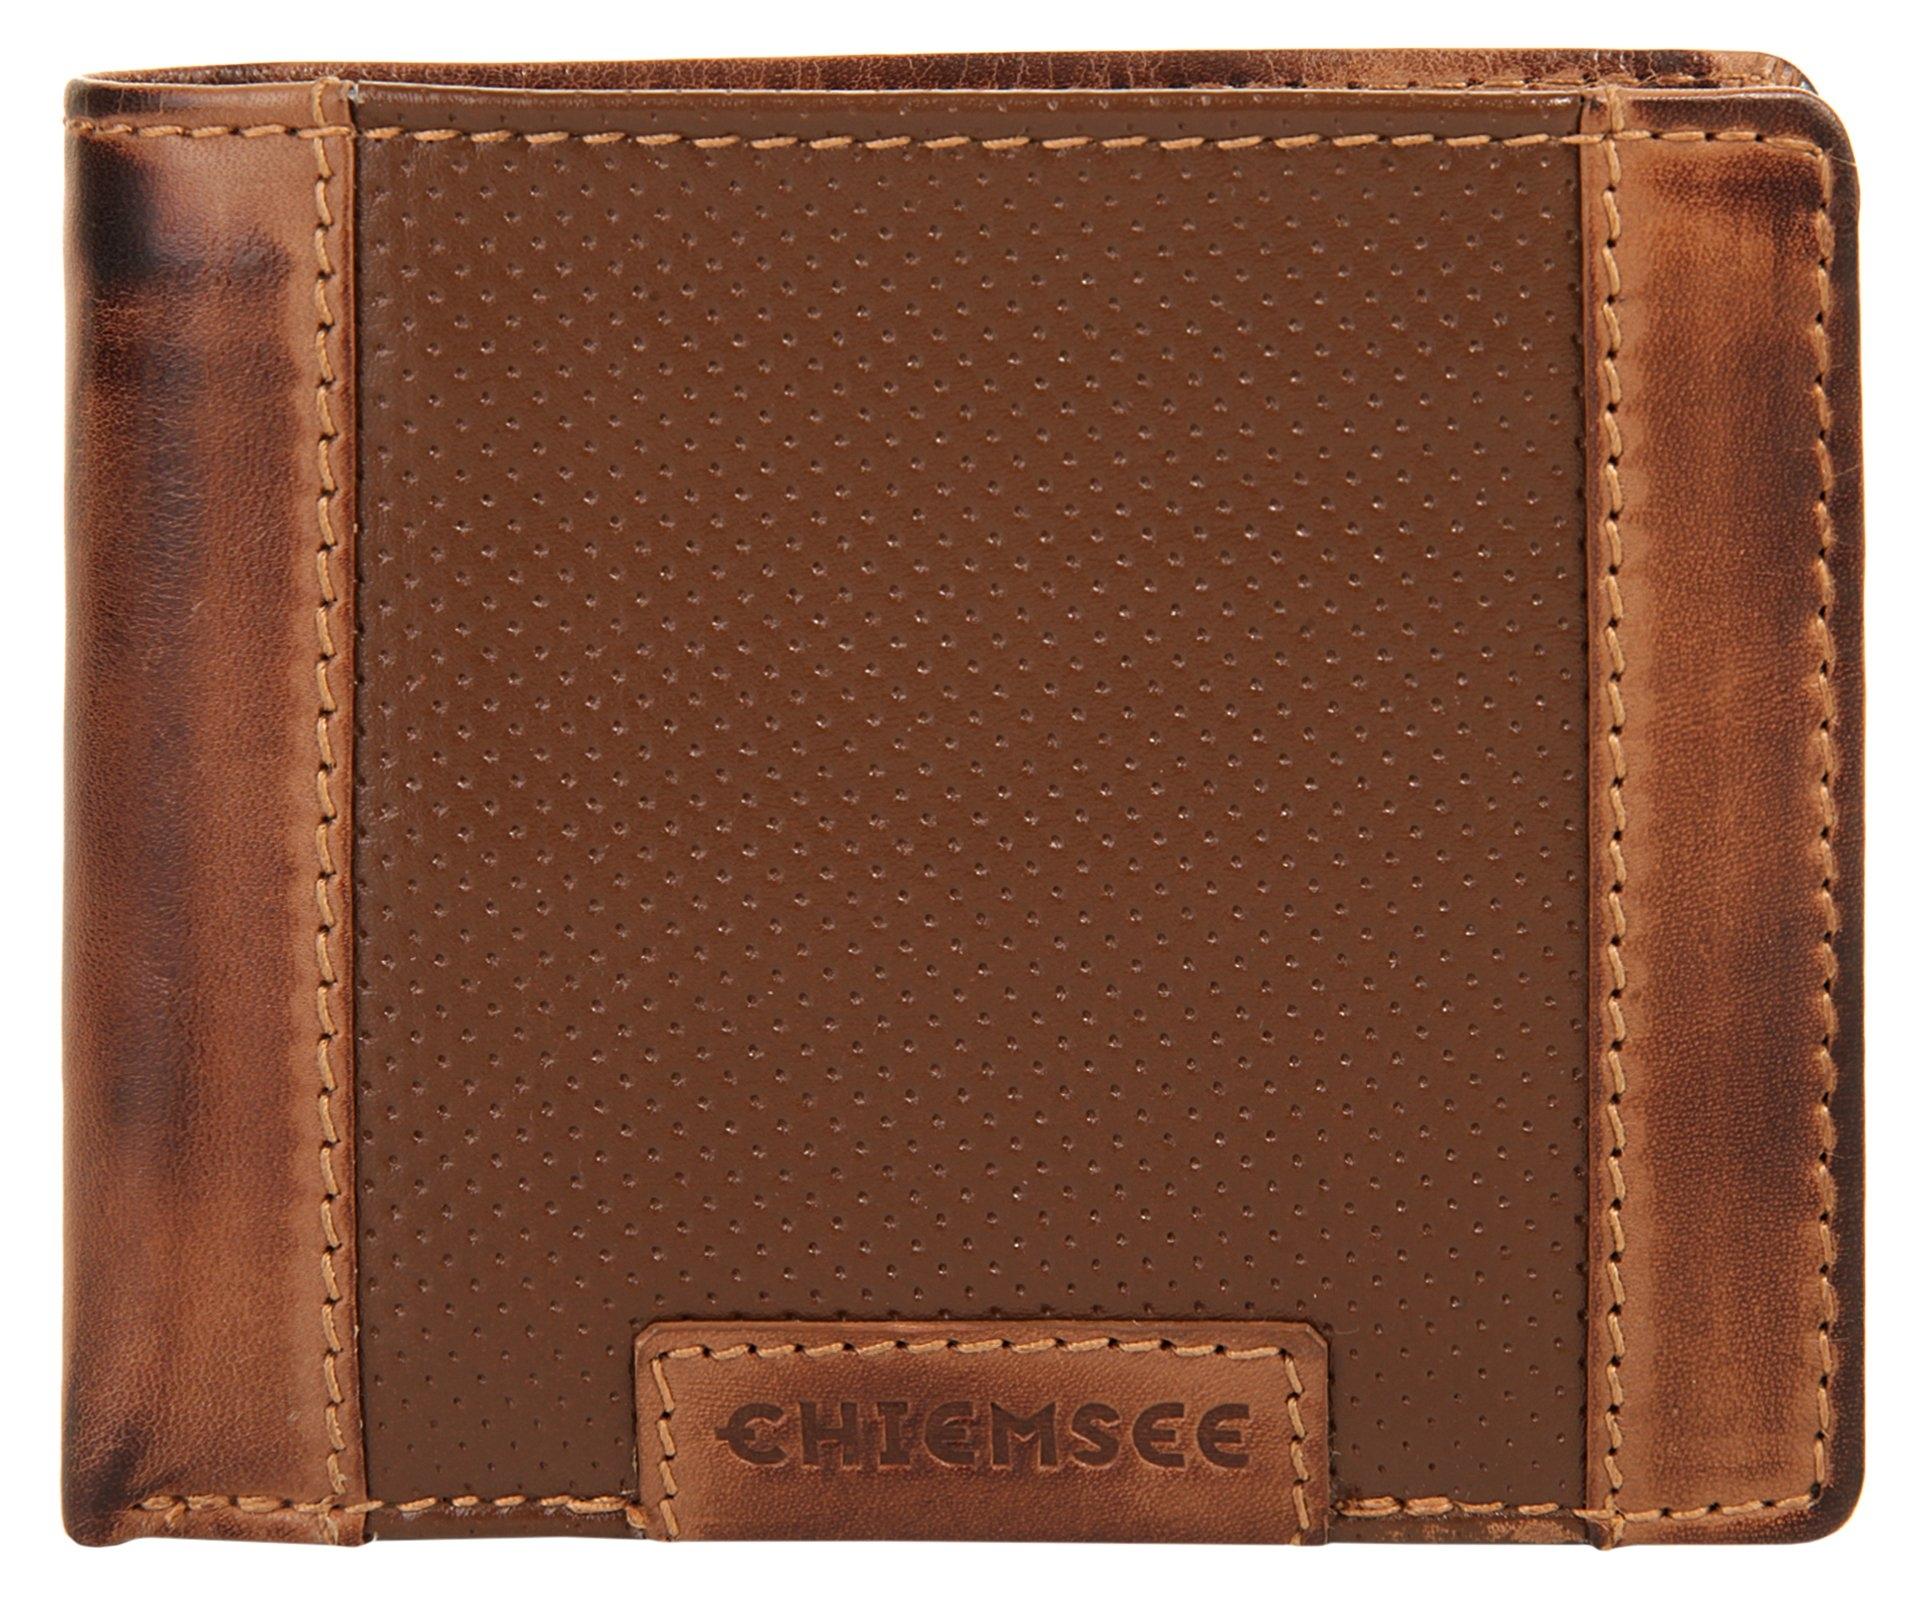 CHIEMSEE portemonnee »BIRMA« voordelig en veilig online kopen